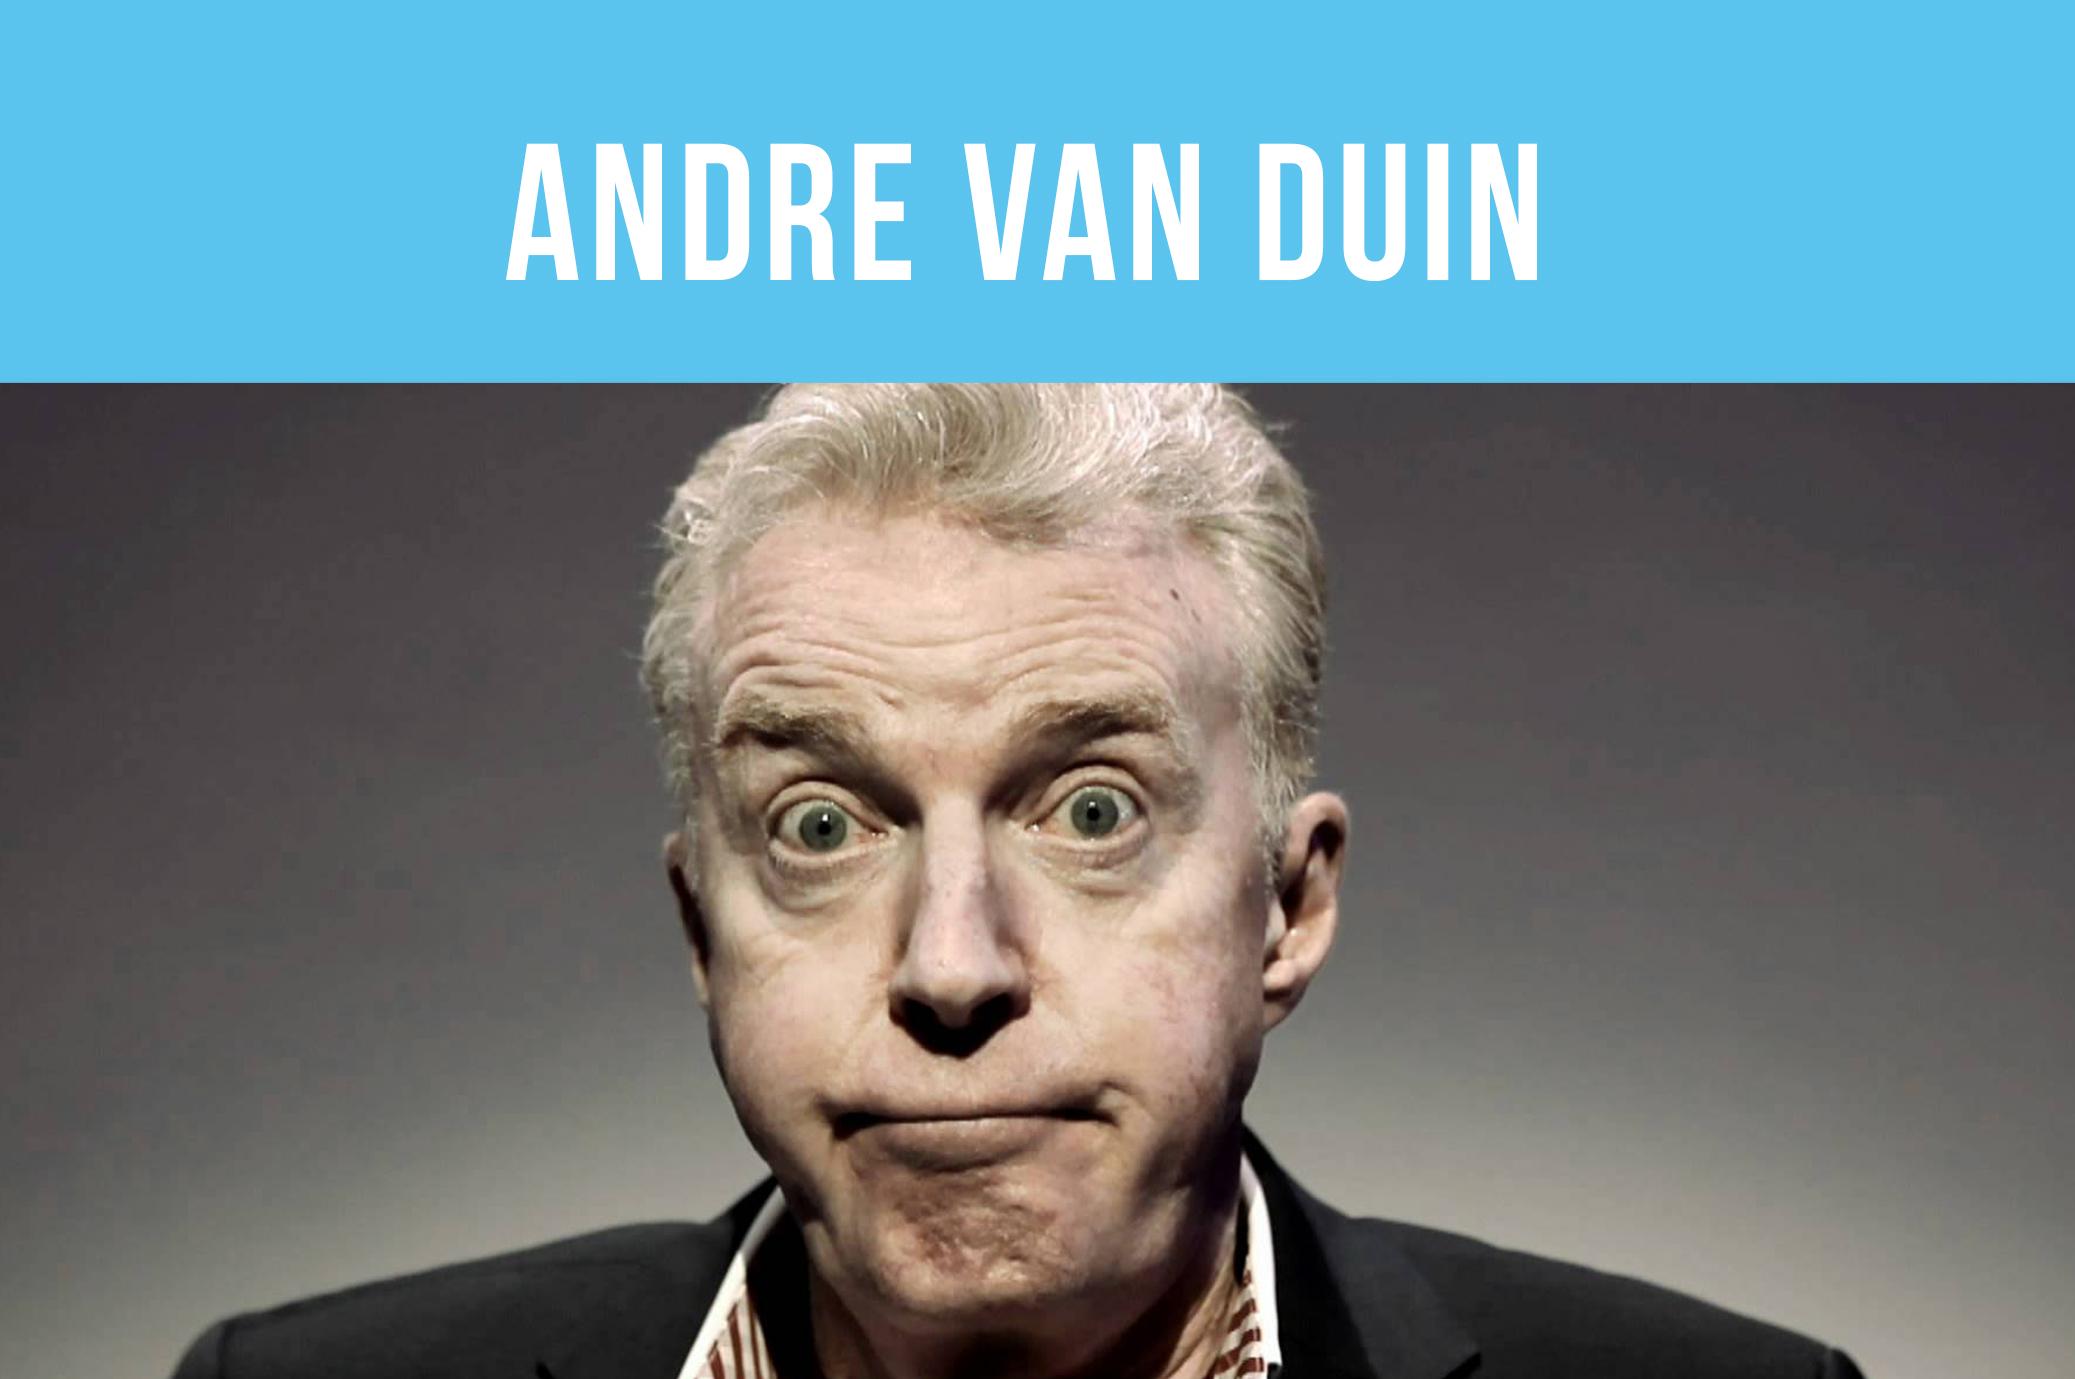 TV Vrienden-Andre van Duin TV Vrienden